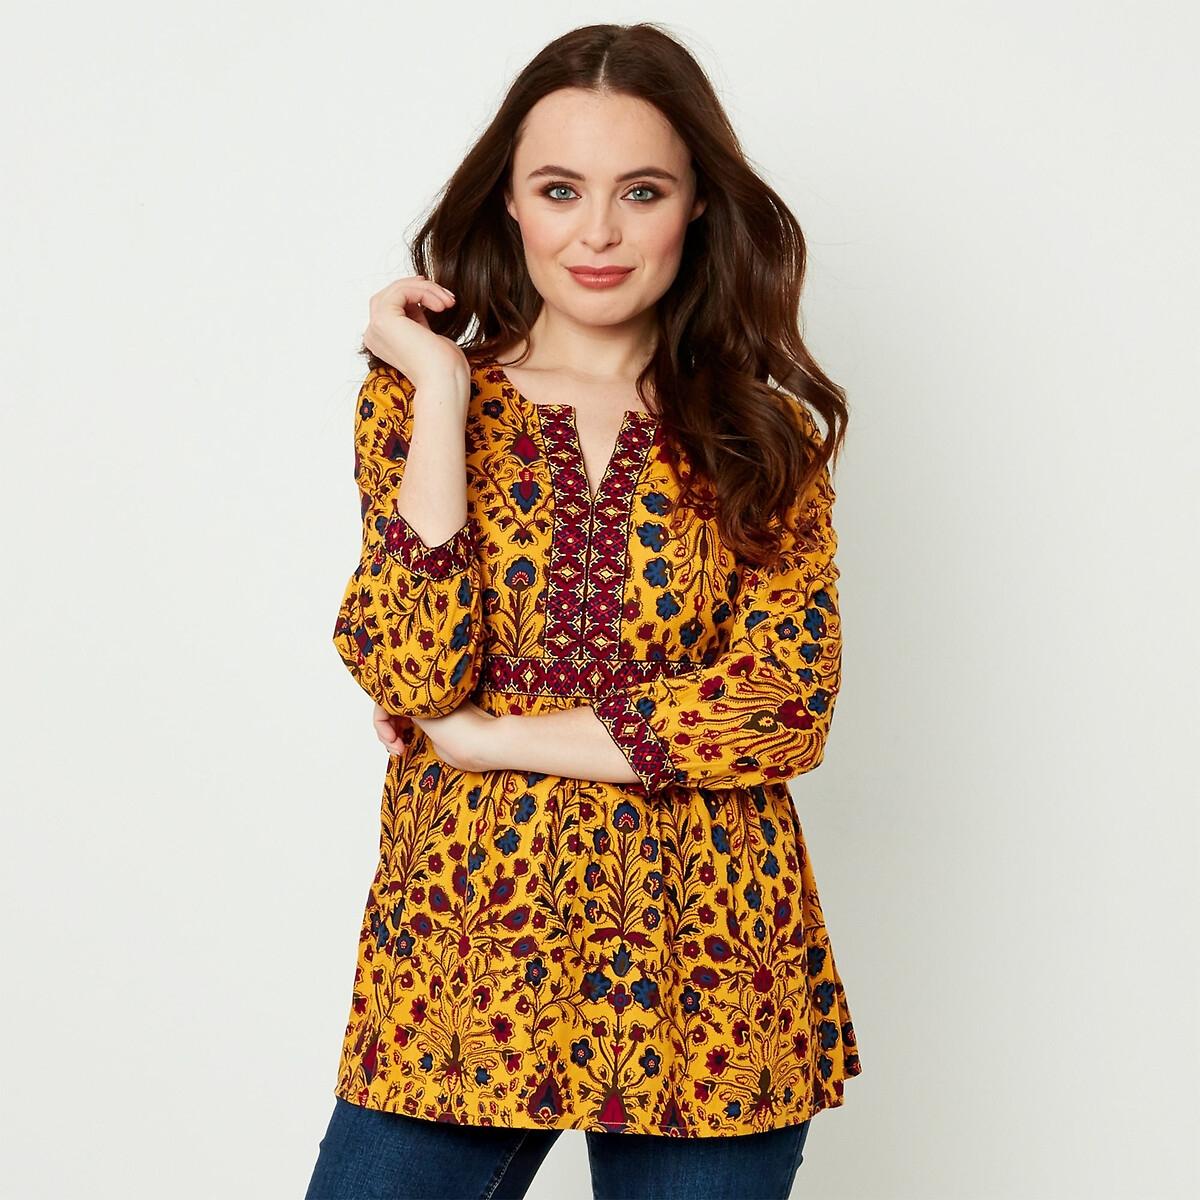 Блузка La Redoute С цветочным принтом V-образным вырезом и рукавами 38 (FR) - 44 (RUS) желтый блузка la redoute с цветочным принтом и v образным вырезом 42 fr 48 rus красный